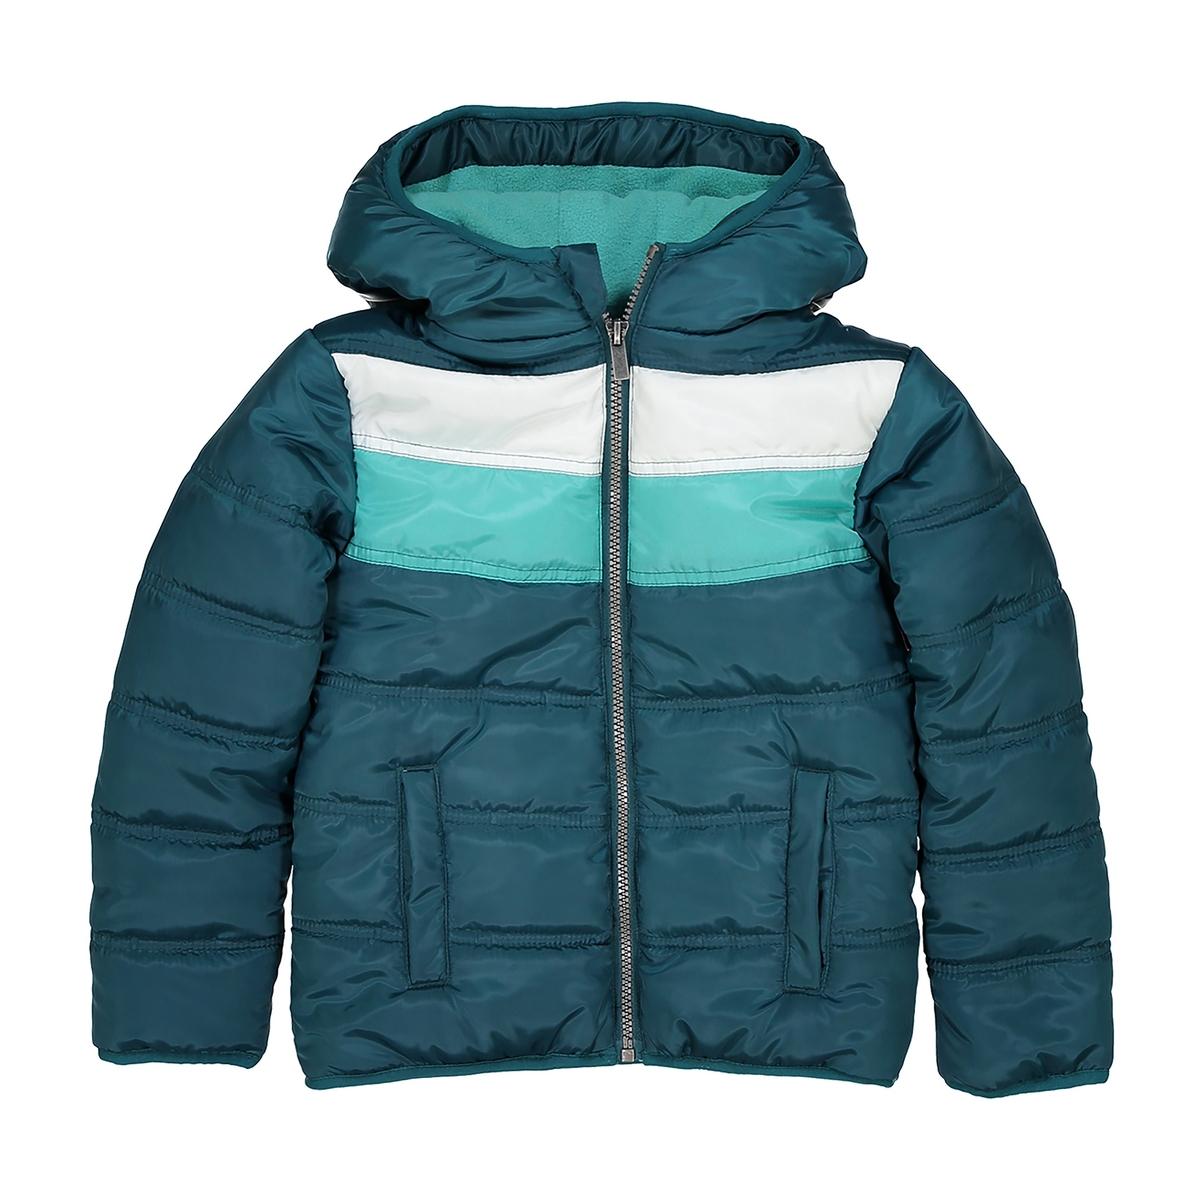 Куртка стеганая с капюшоном, 3-12 лет